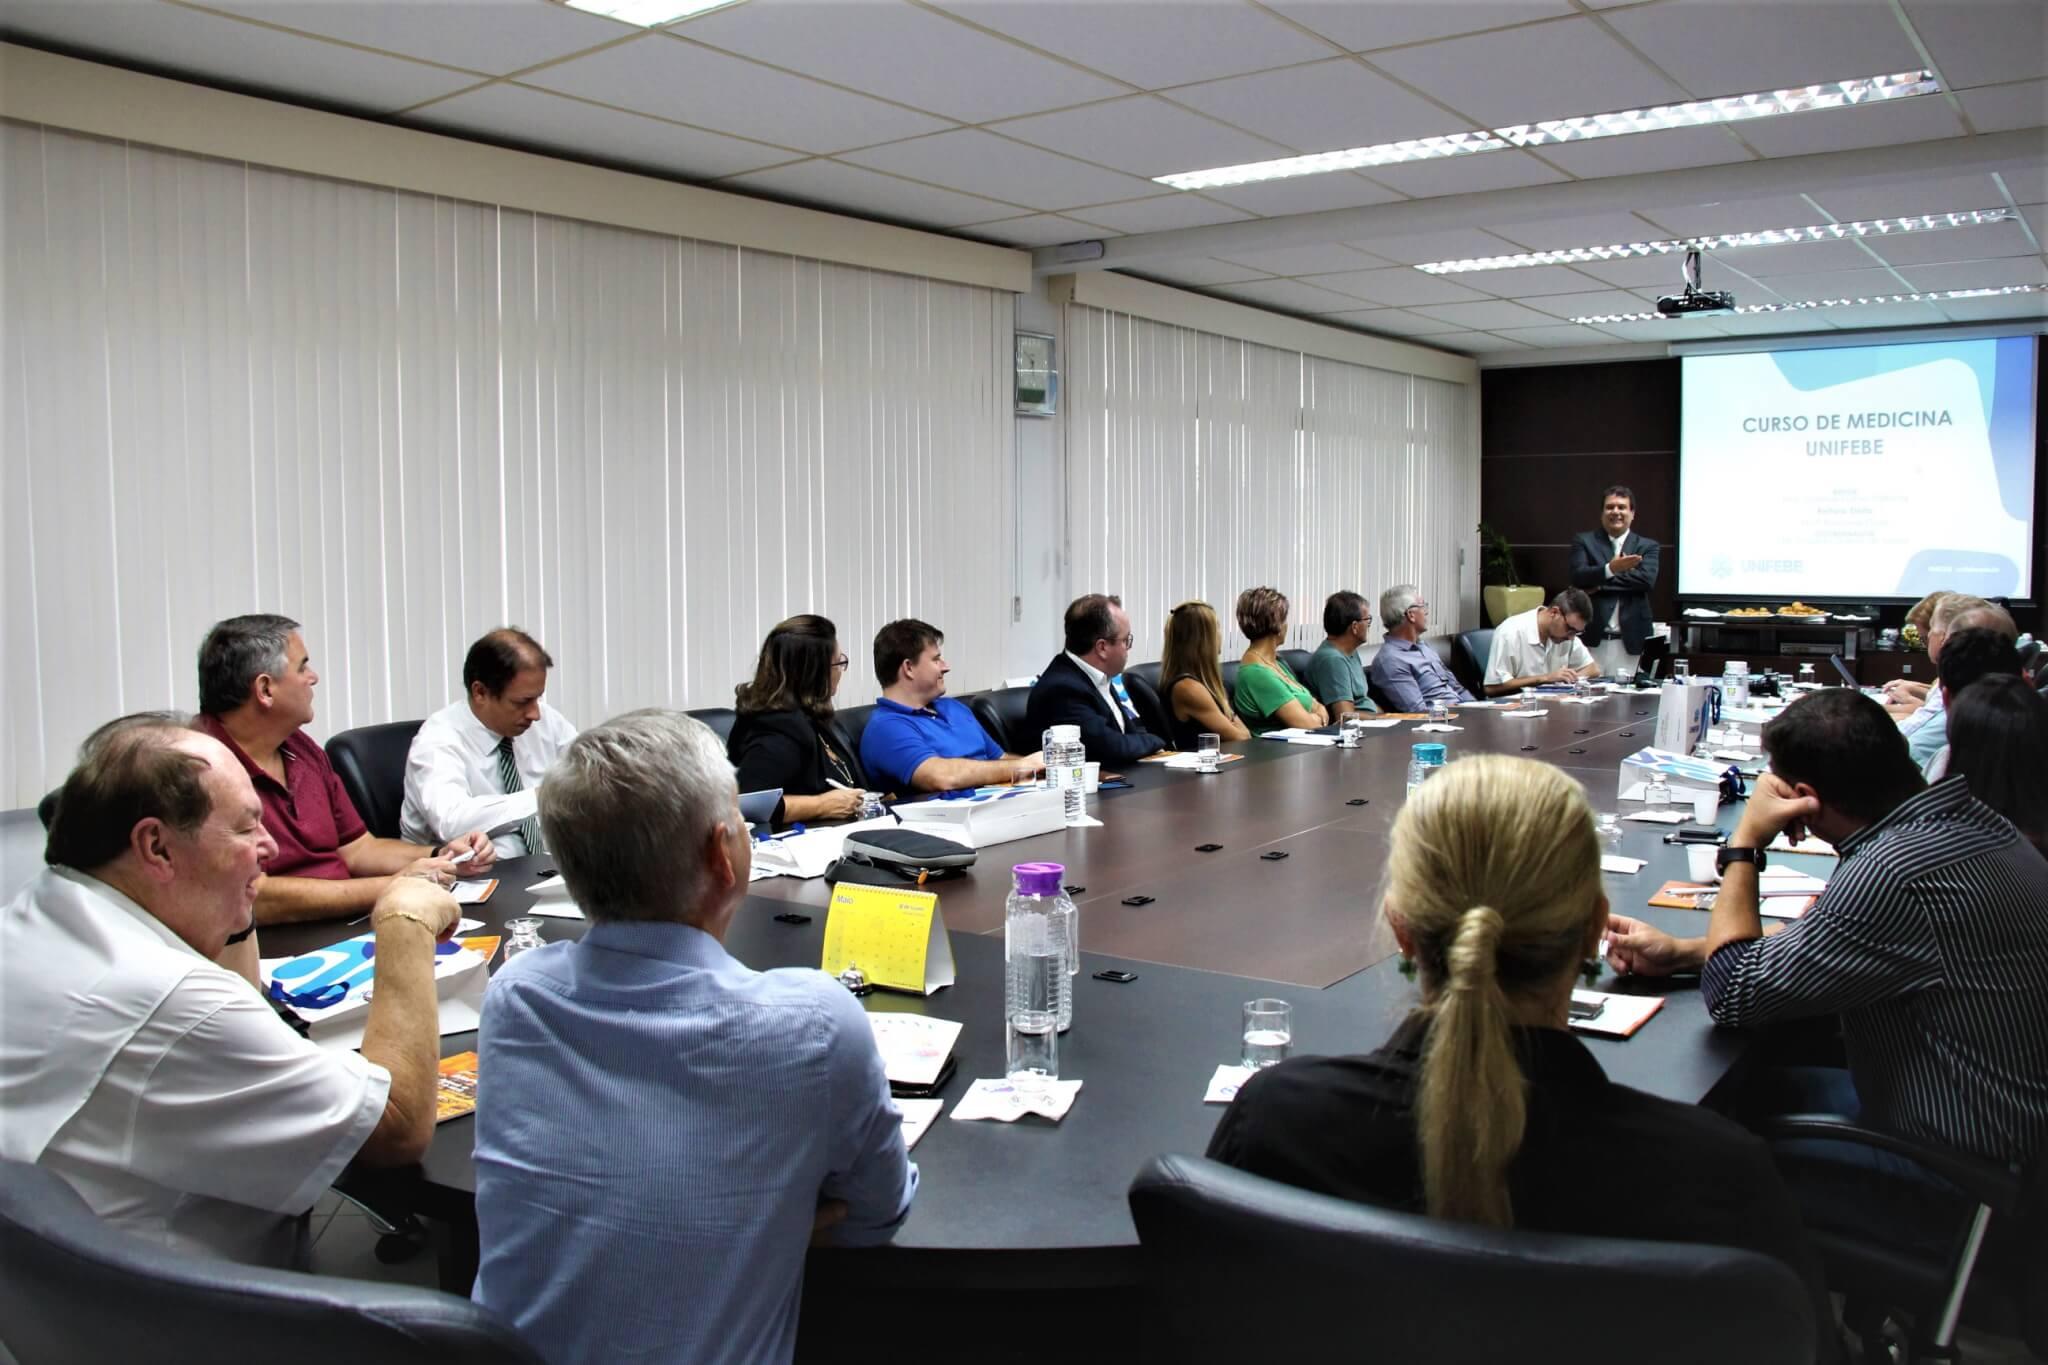 Curso de Medicina da UNIFEBE é apresentado para Conselho Deliberativo da ACIBr